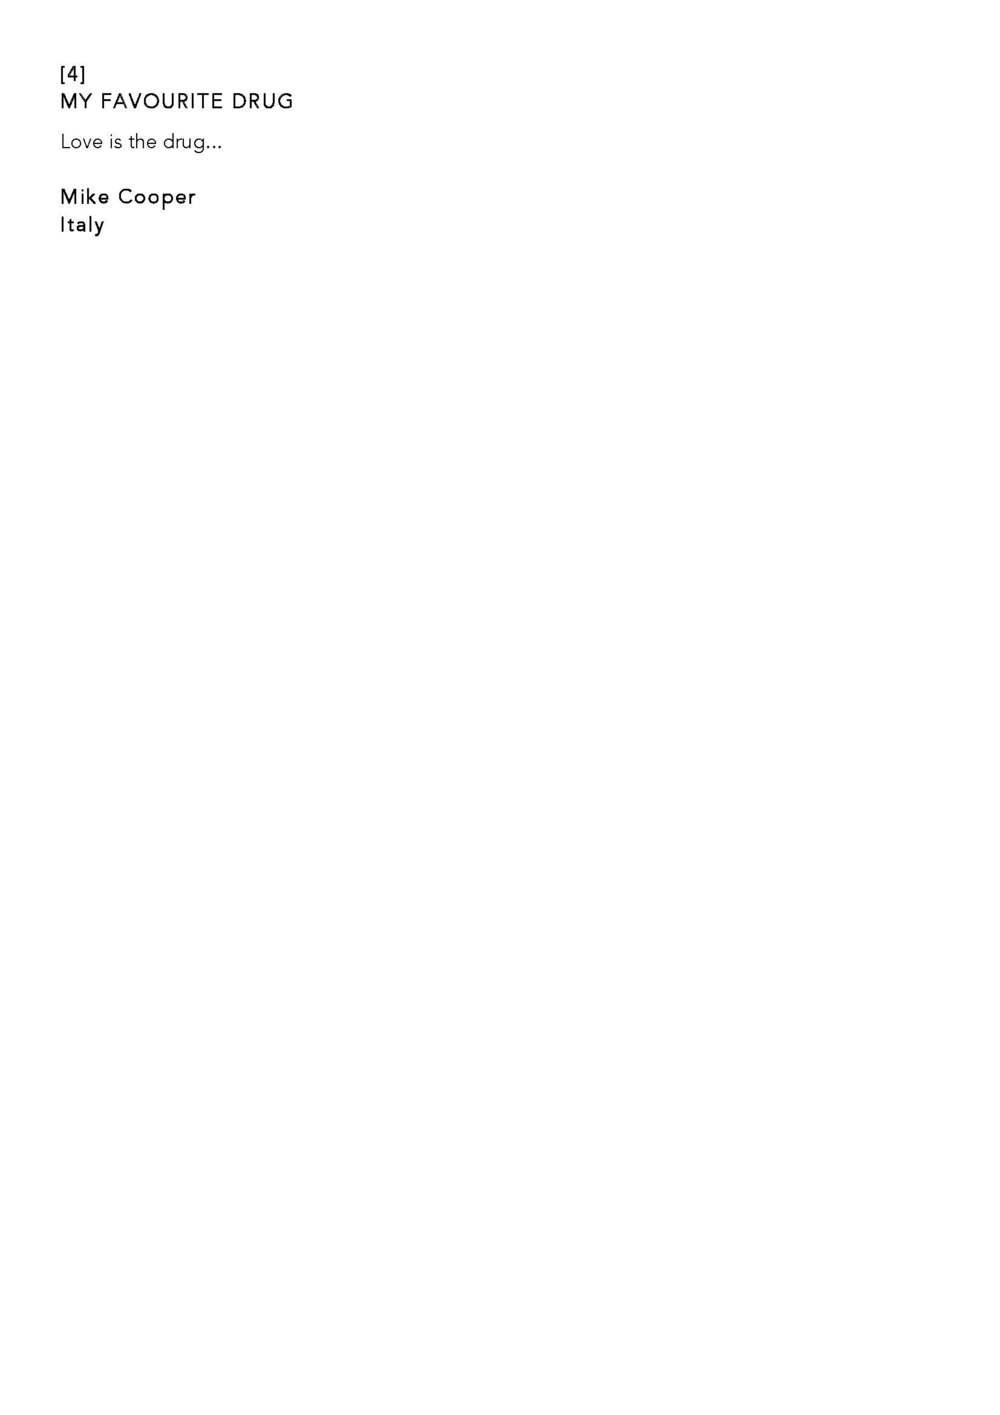 Jpegs_Page_04.jpg